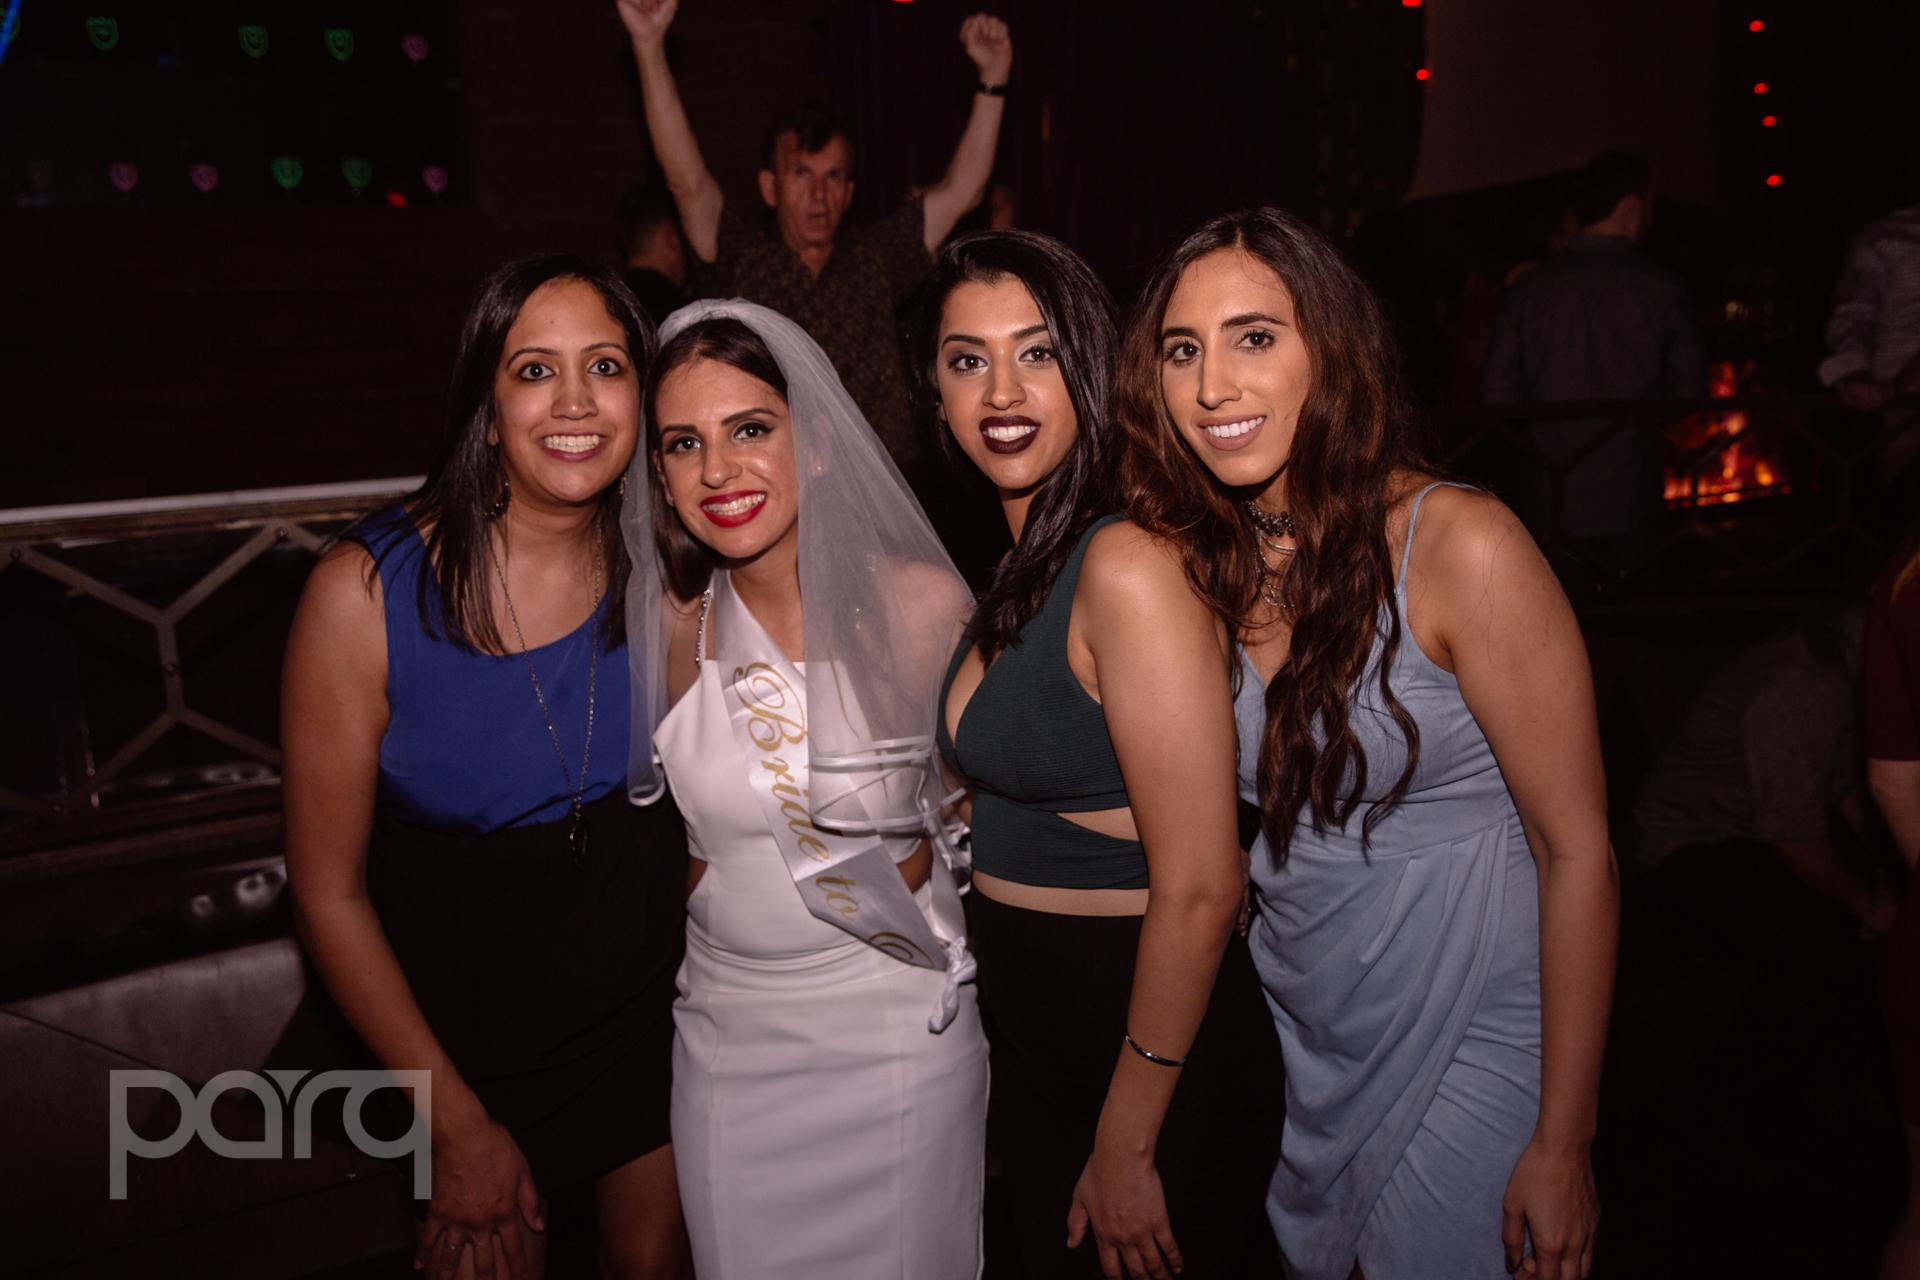 San-Diego-Nightclub-DJ Obscene-24.jpg